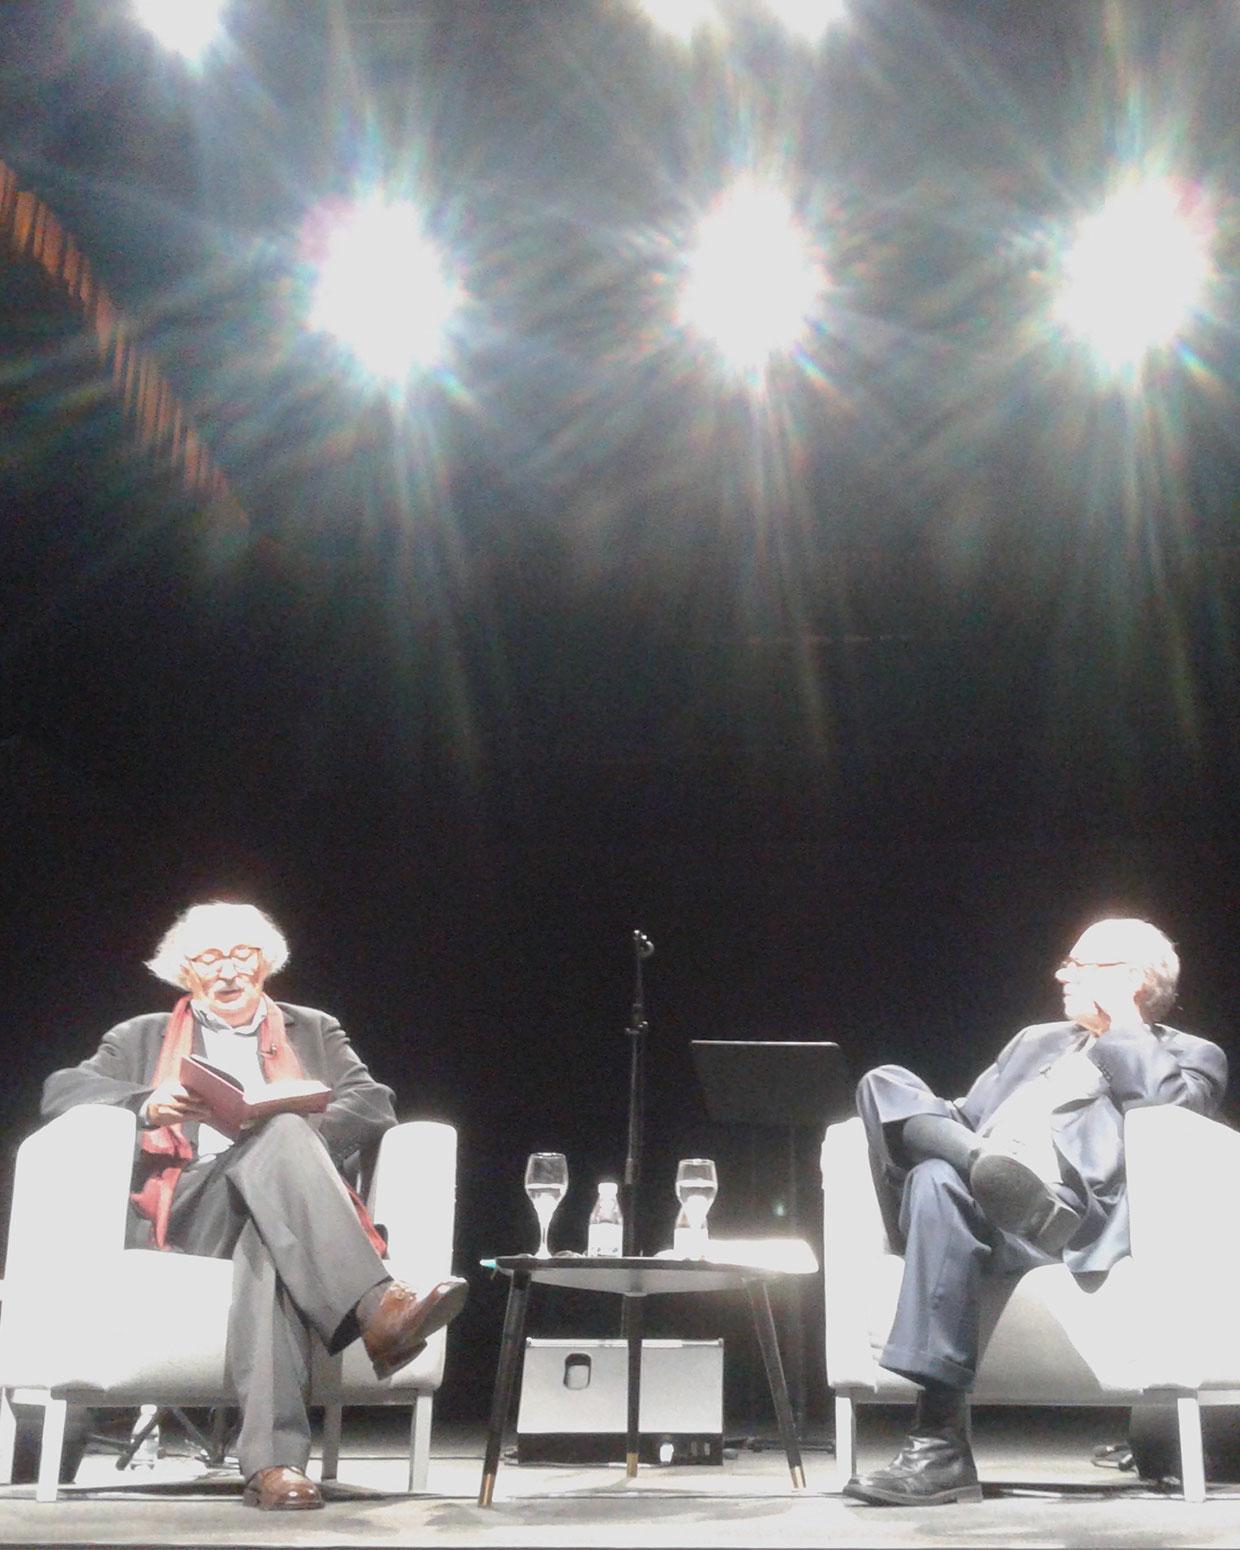 Antonio Colinas y (Izquierda) y Pere Gimferrer. FOTOGRAFÍA DE WINSTON MANRIQUE